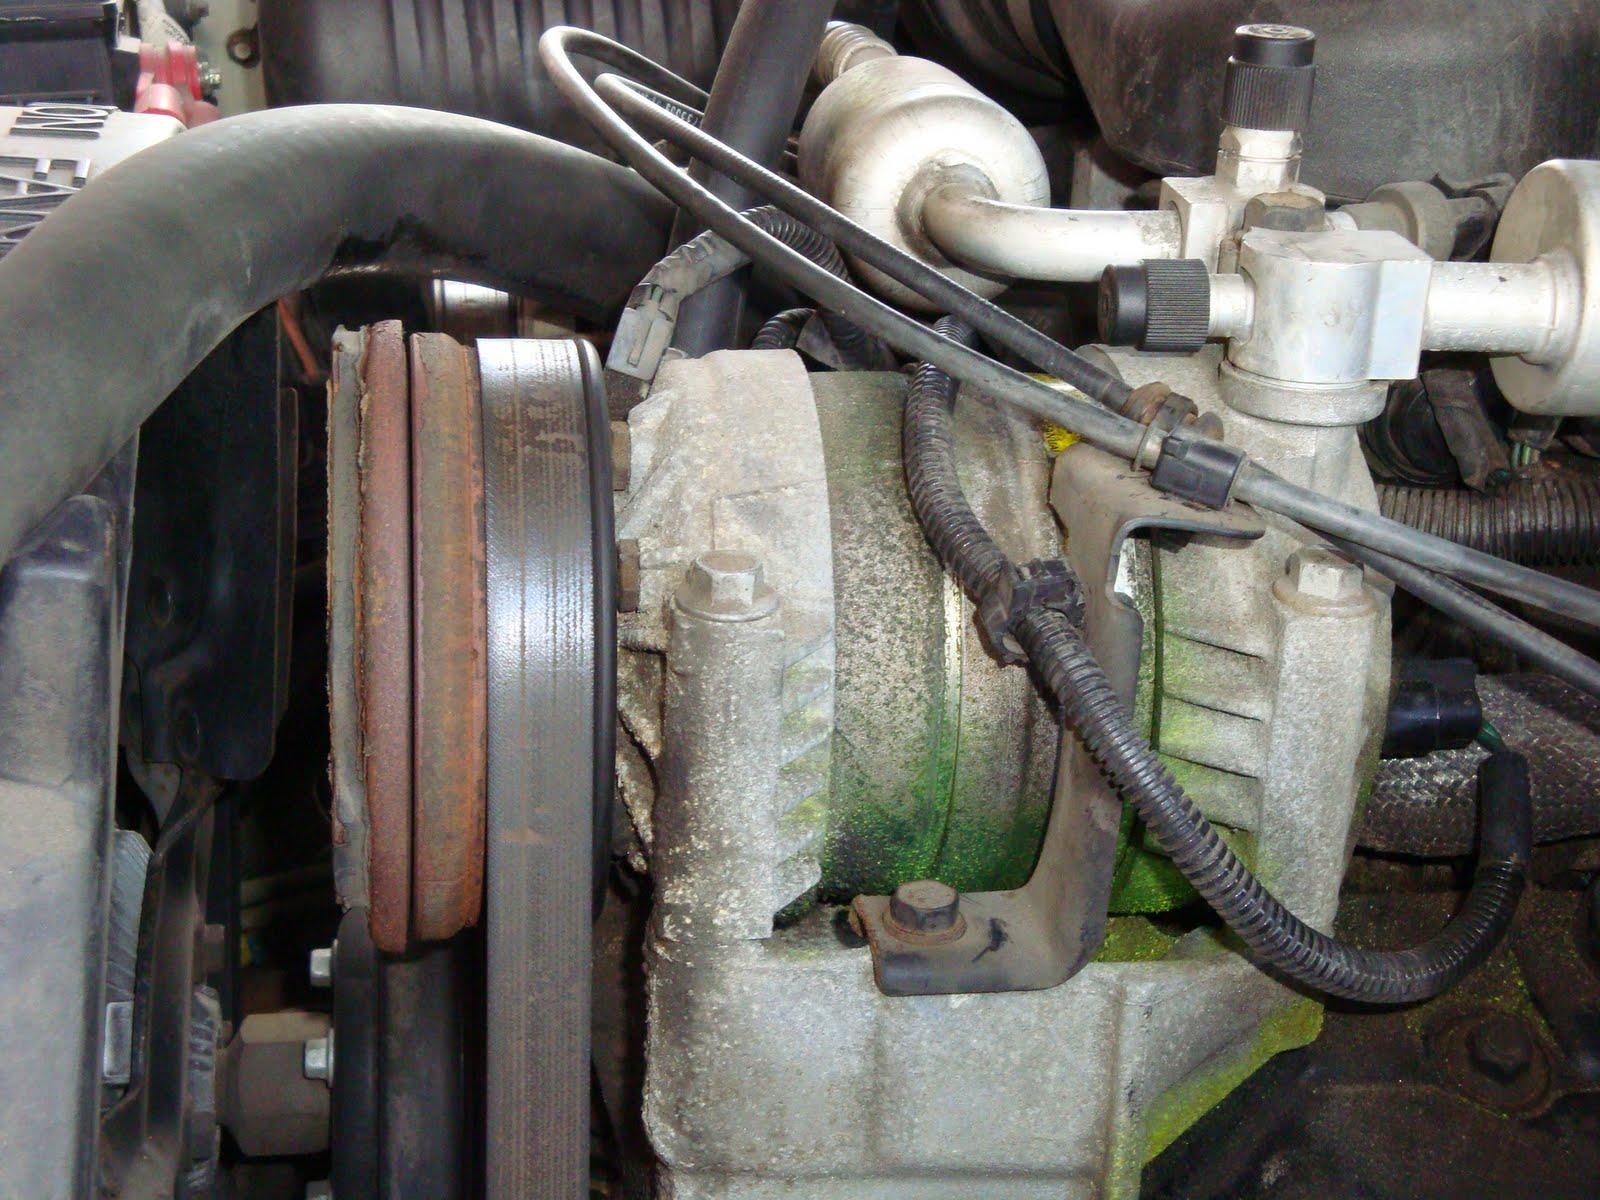 DIY Repair Guide: Window Air Conditioner Freon Leak!